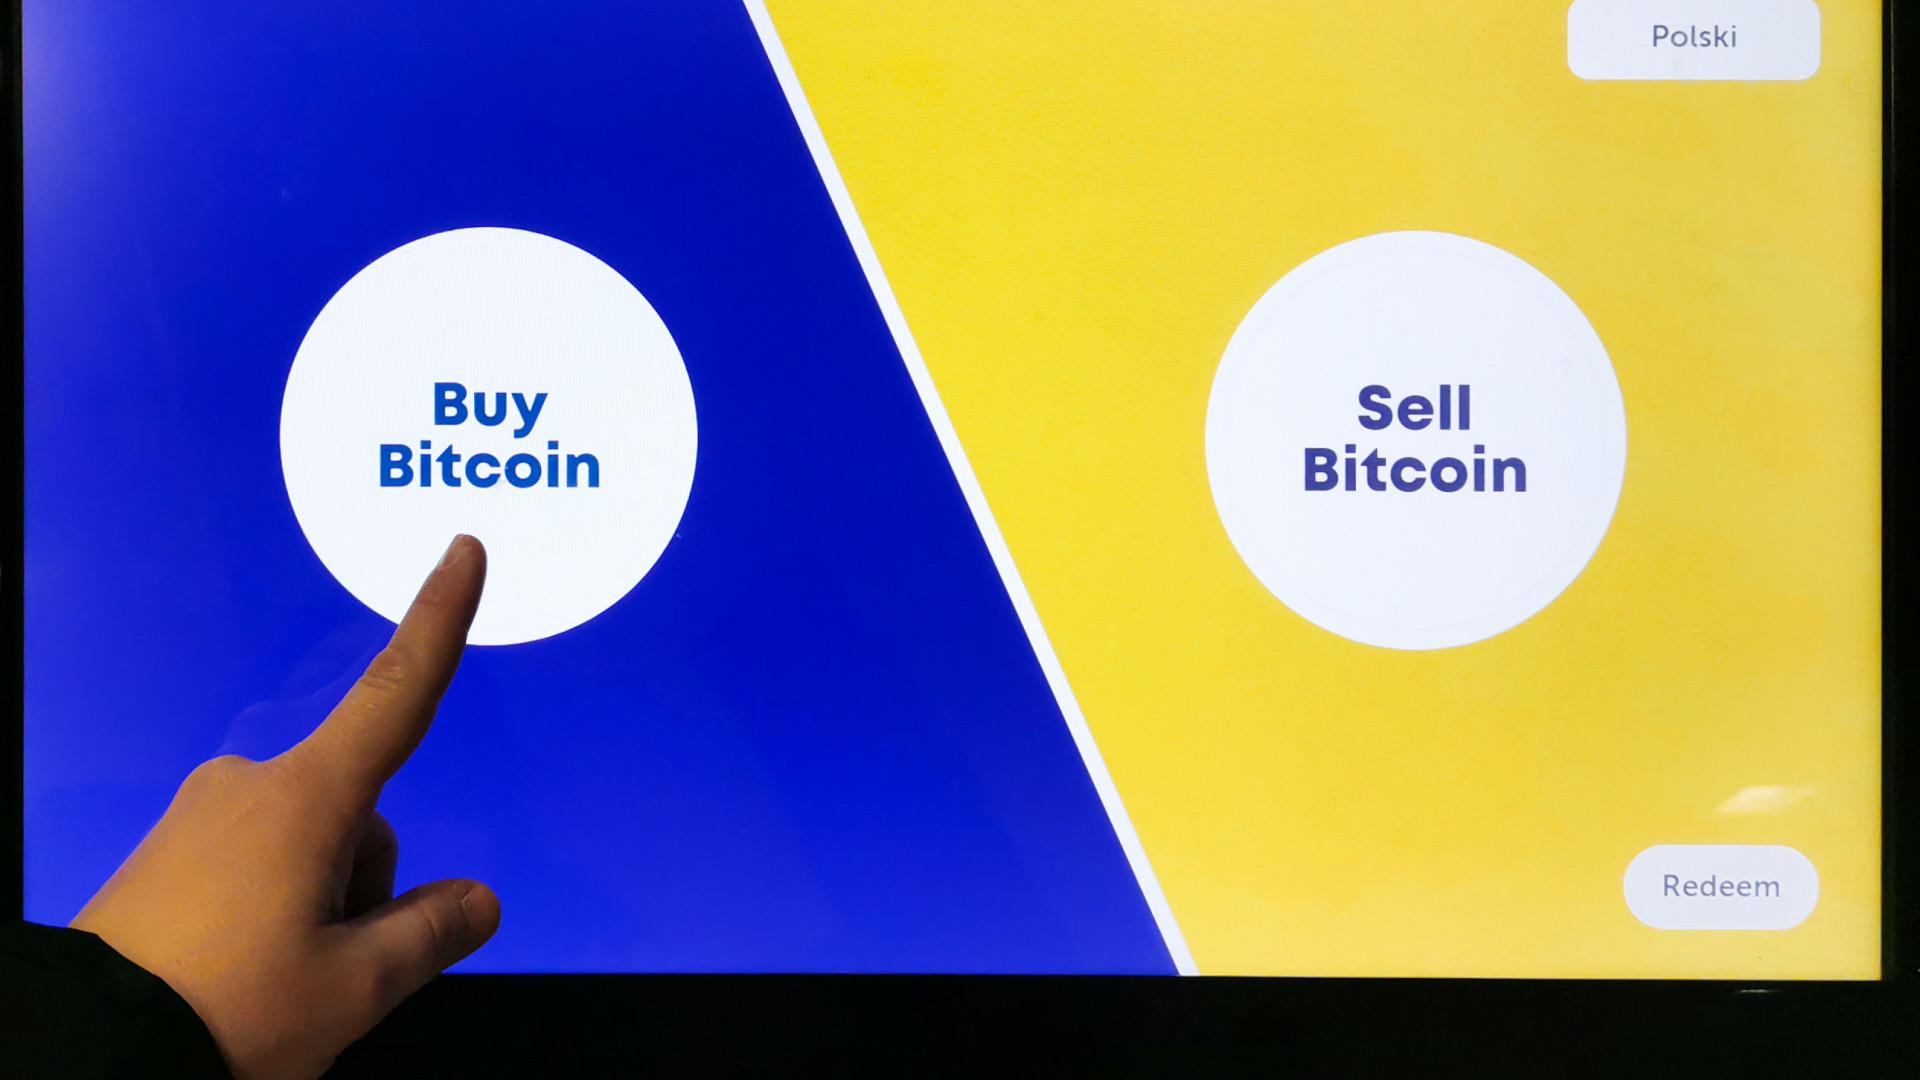 miért van a crypto piac)